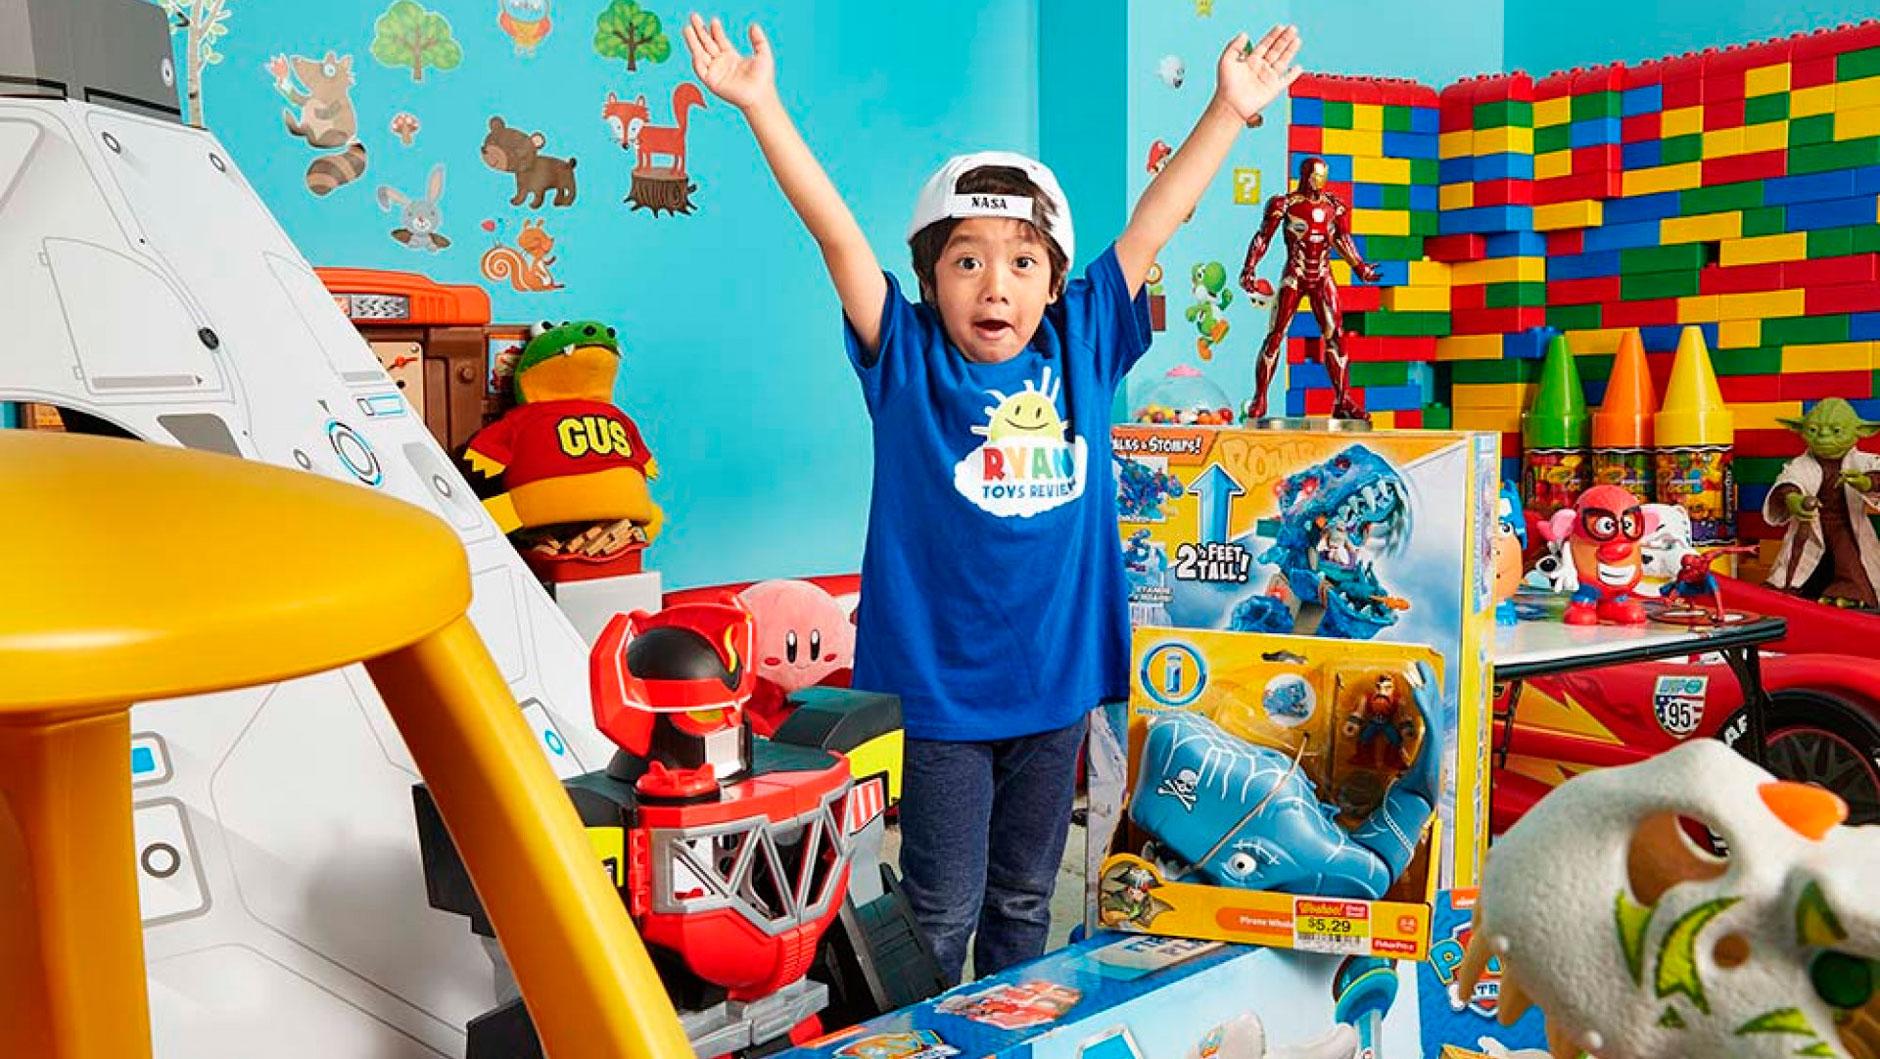 Forbes опубликовал рейтинг самых высокооплачиваемых YouTube-блогеров 2018 года. Лидером стал канал семилетнего мальчика Райана, который регулярно смотрят около 17 млн подписчиков. Родители снимают видеообзоры, где Райан распаковывает игрушки и играет с ними. В обычных и онлайн-магазинах появилась даже серия игрушек и одежды